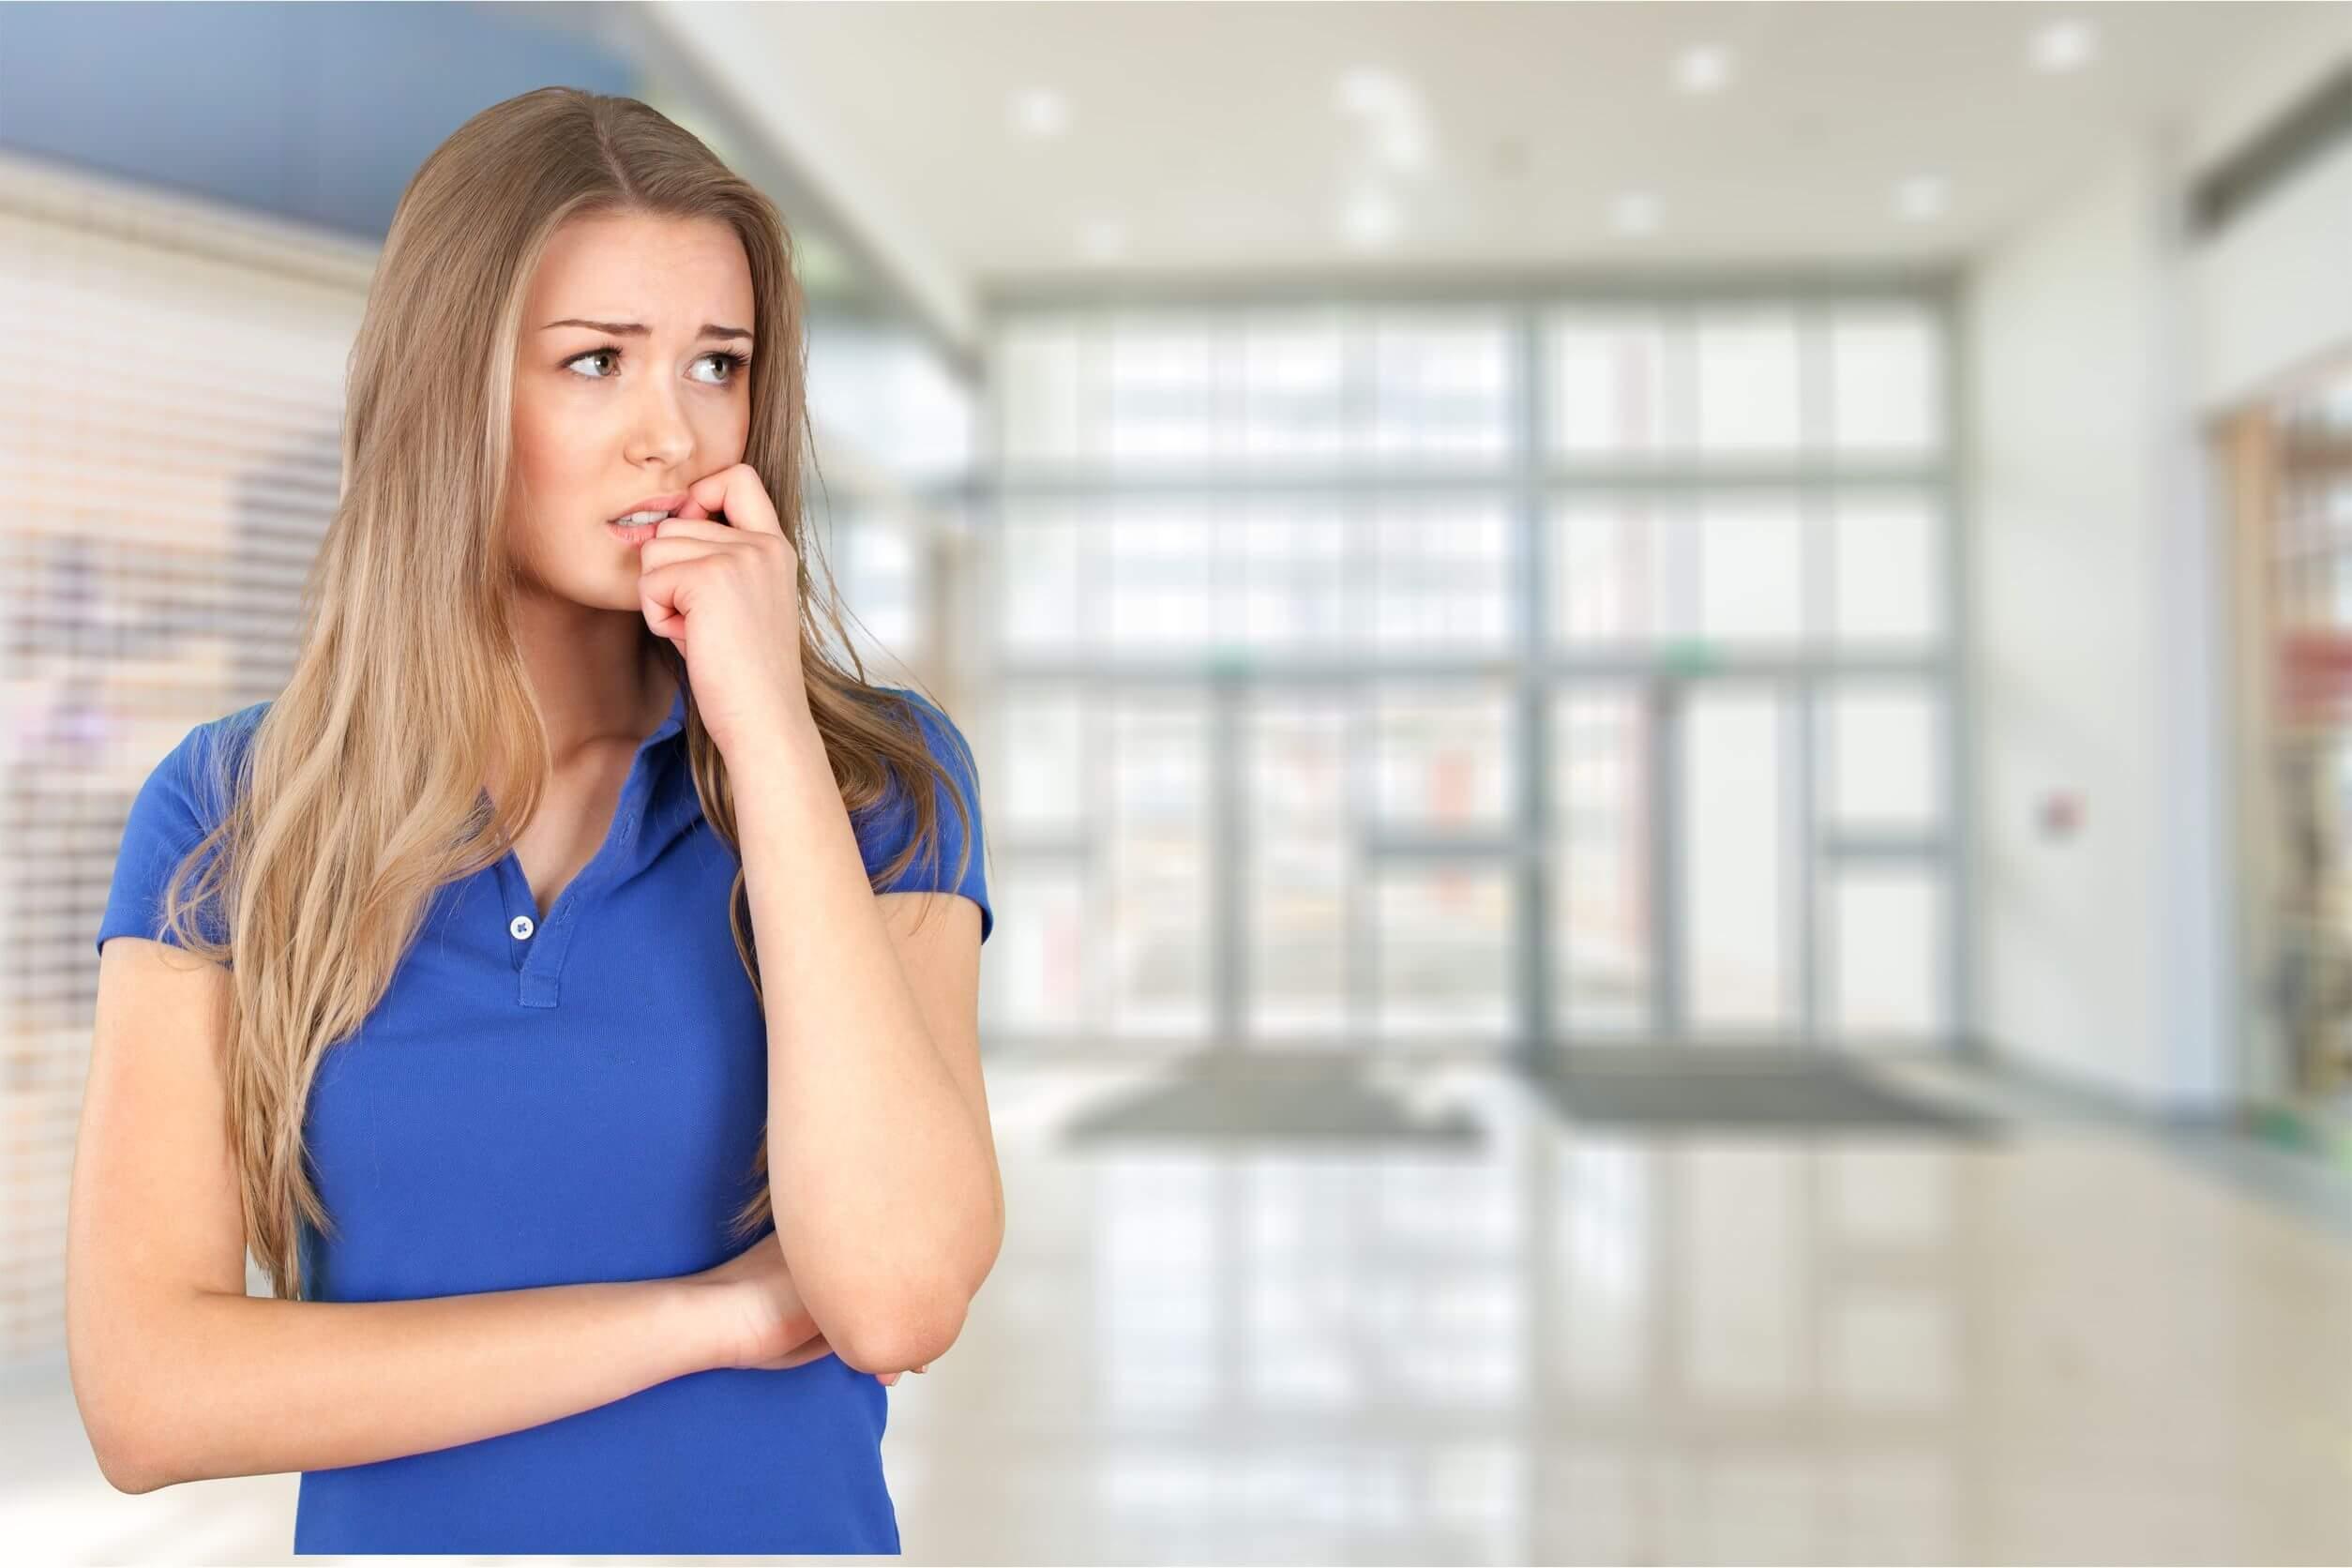 El trastorno de evitación experiencial tiene síntomas relacionados con una crisis de ansiedad.